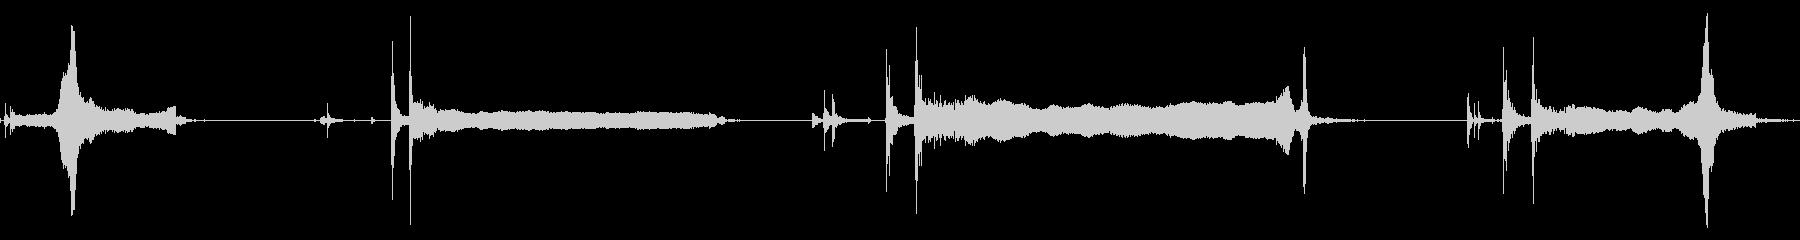 トーンスタティックリレーのクリック...の未再生の波形